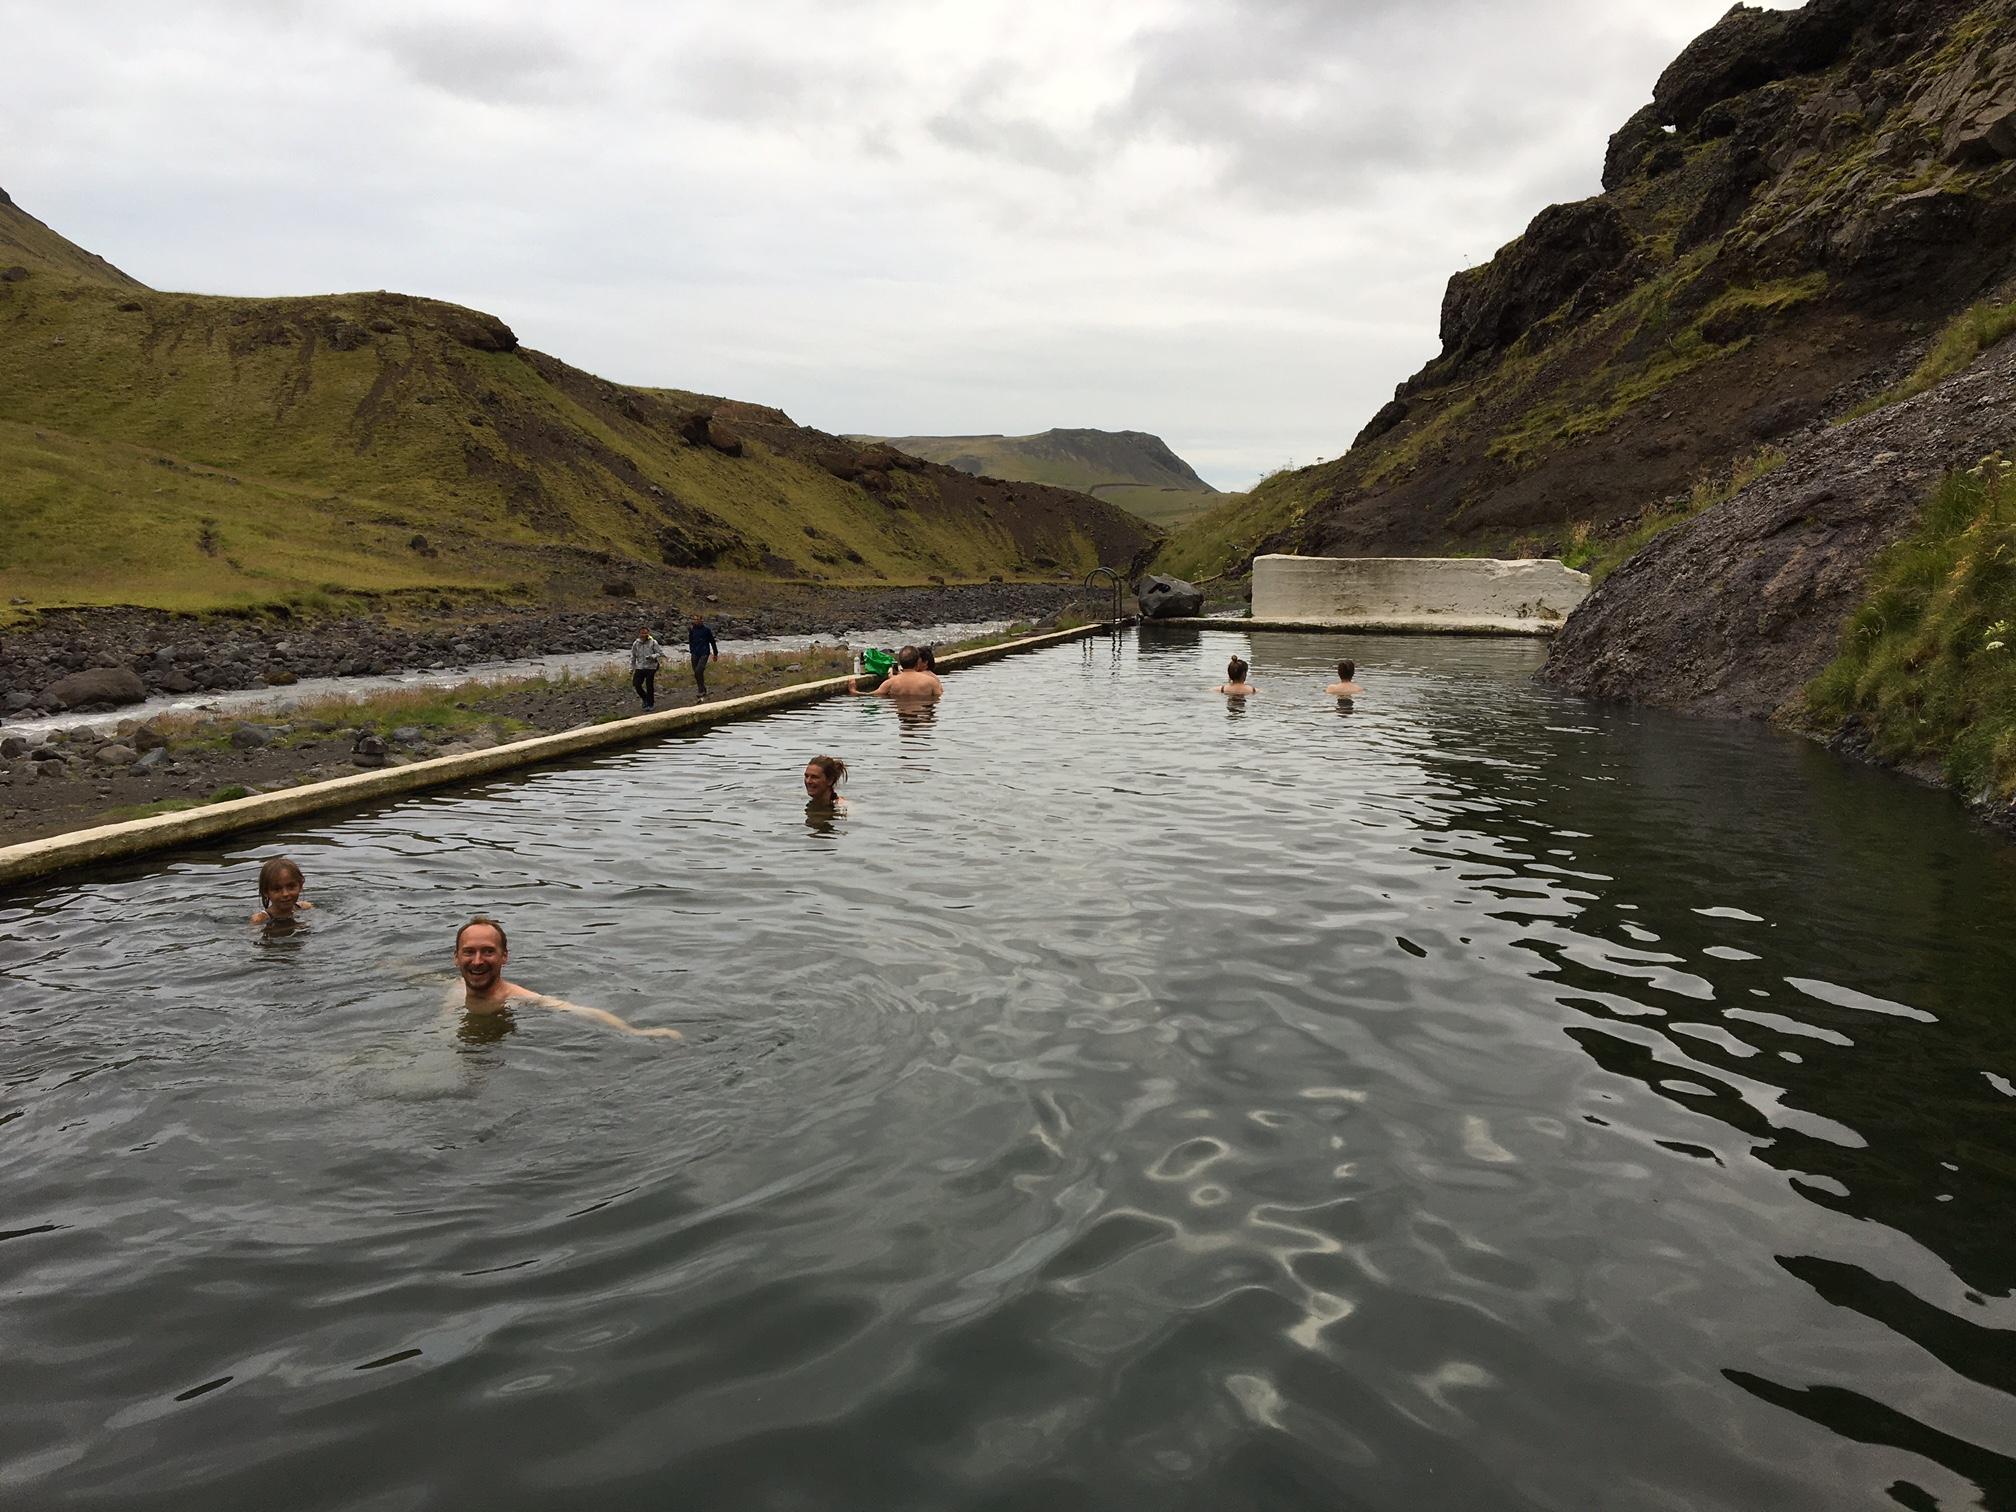 piscine-seljavallalaug-islande